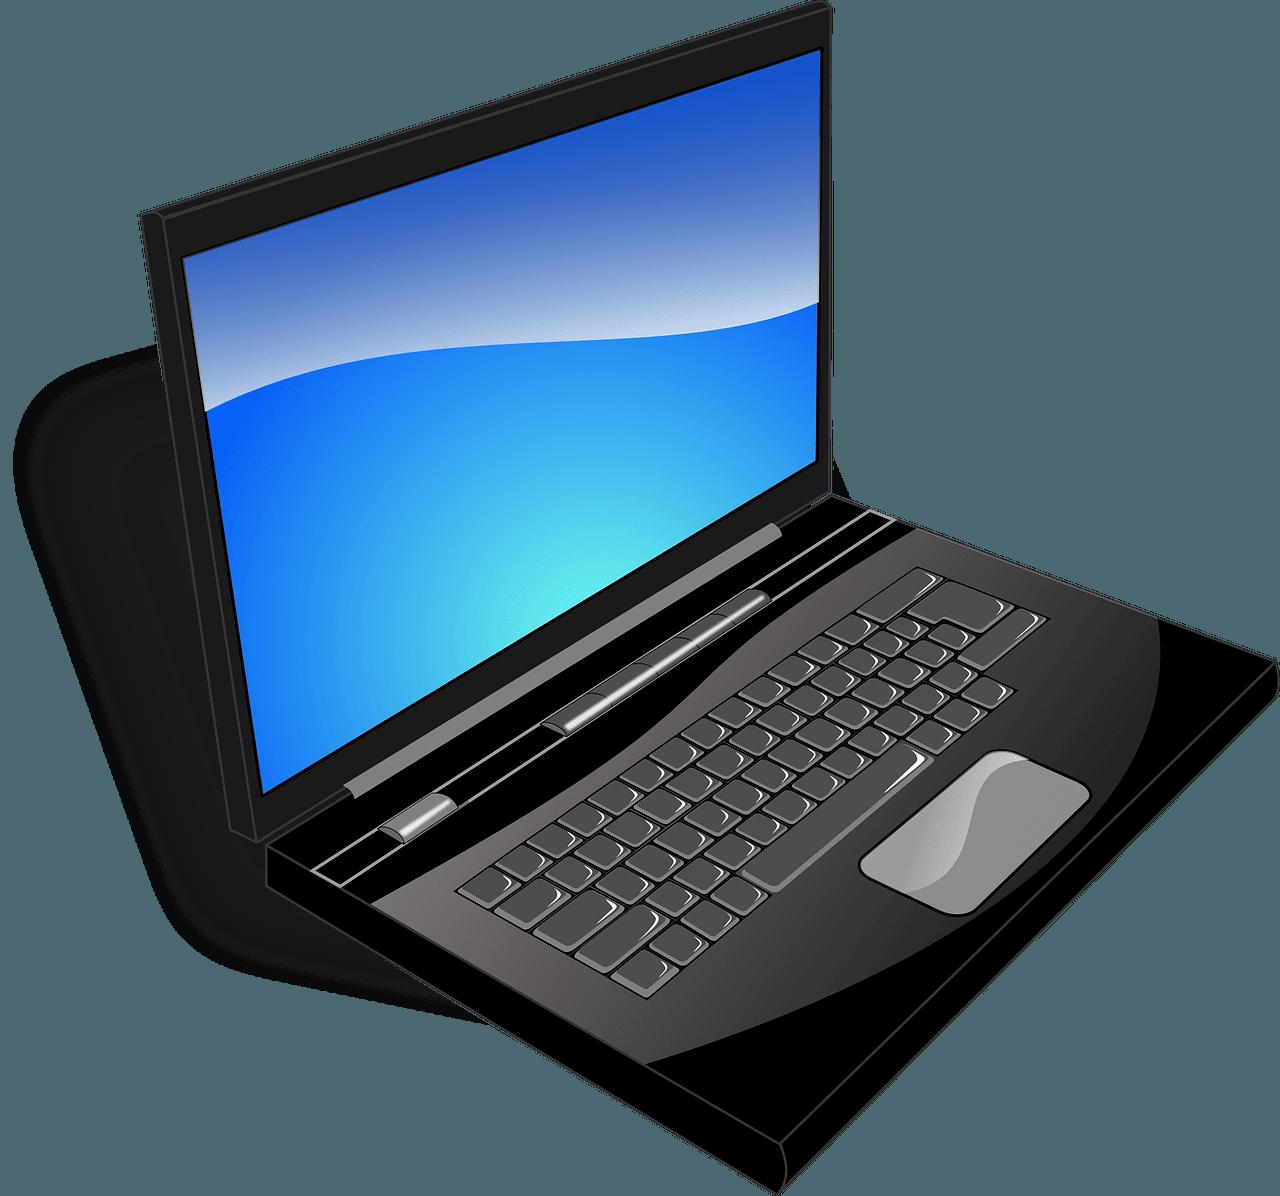 Jaki laptop do 3000 złotych warto kupić?